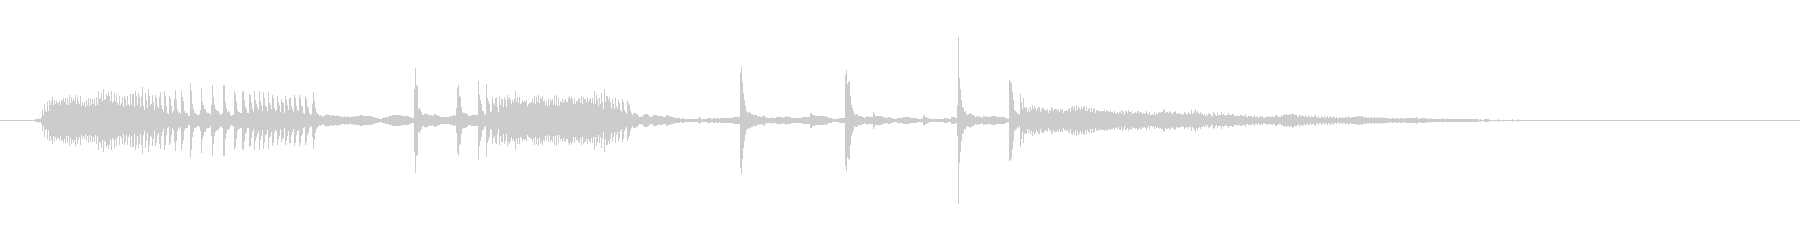 ワードローブ、オープン、ミディアム...の未再生の波形